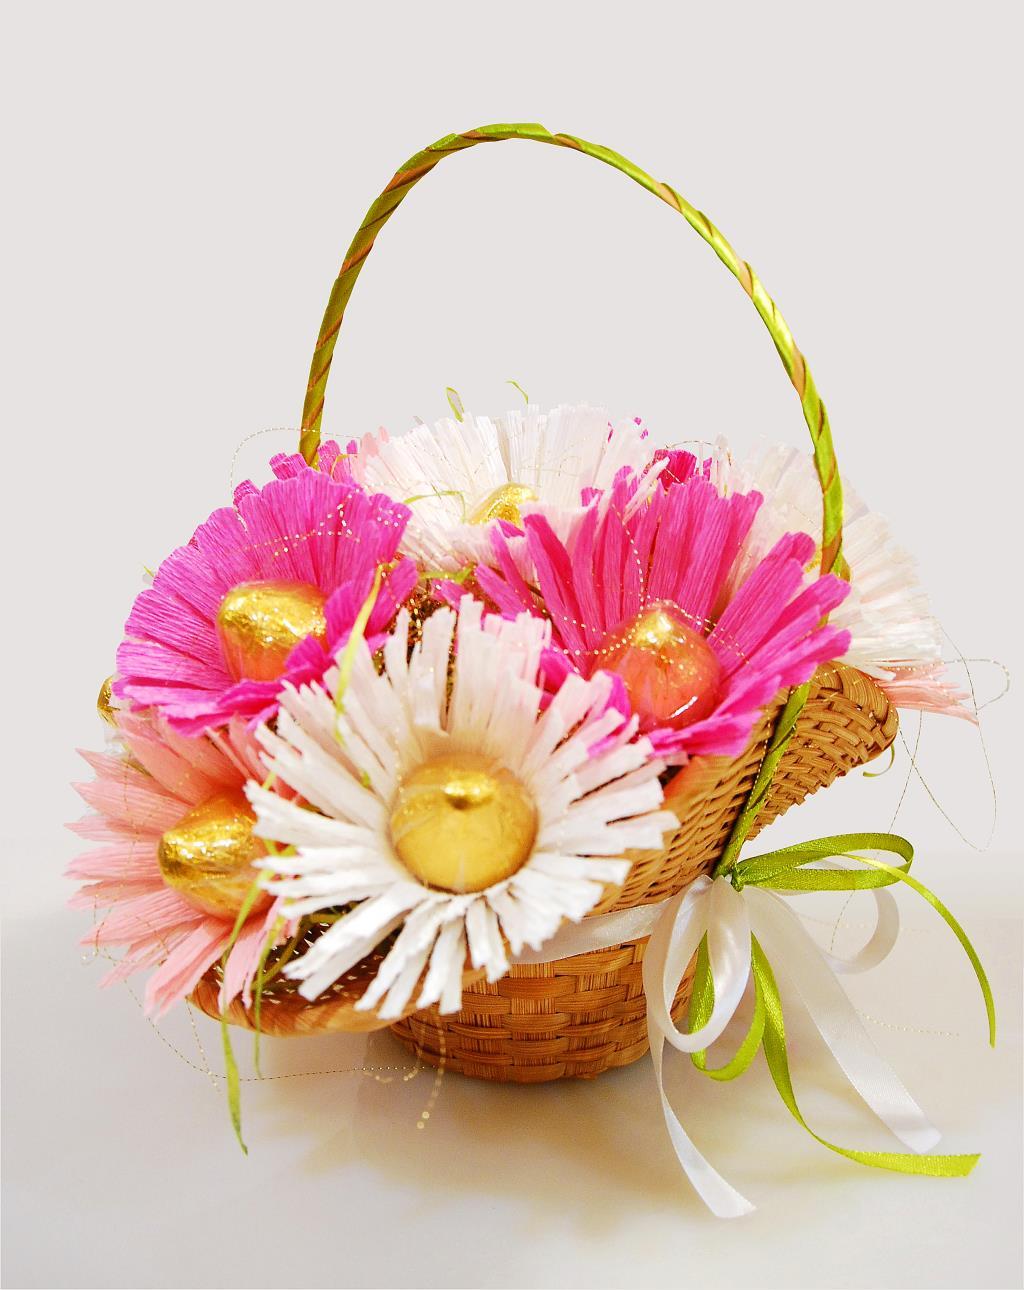 корзины с цветами из конфет картинки собираясь ибицу, будет